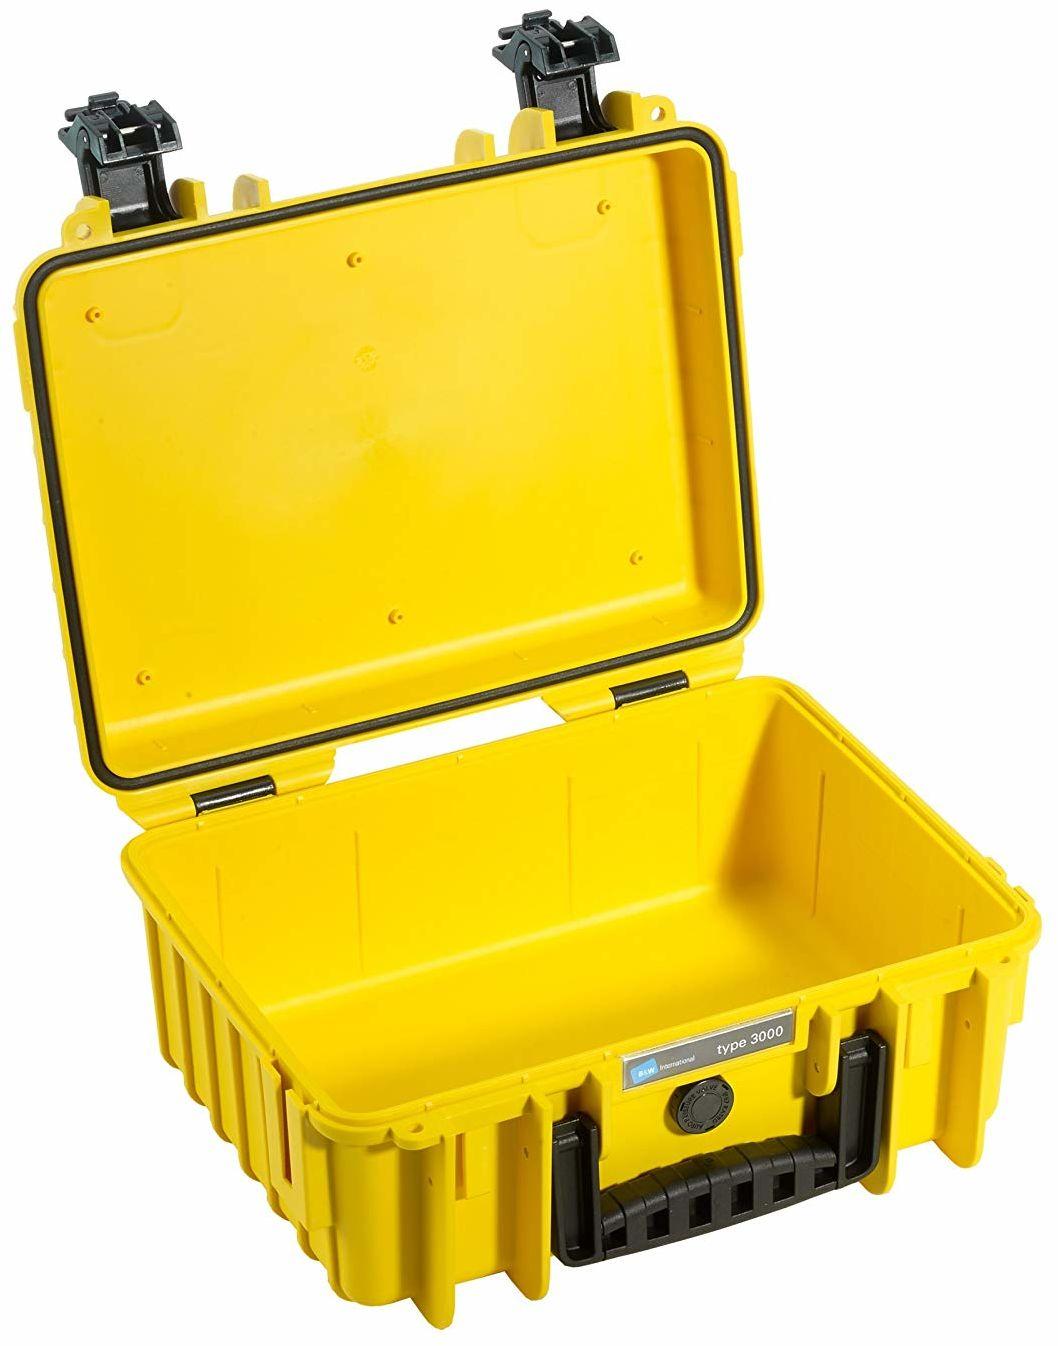 B&W walizka transportowa Outdoor typ 3000 żółta  wodoszczelna zgodnie z certyfikatem IP67, pyłoszczelna, nietłukąca i niezniszczalna